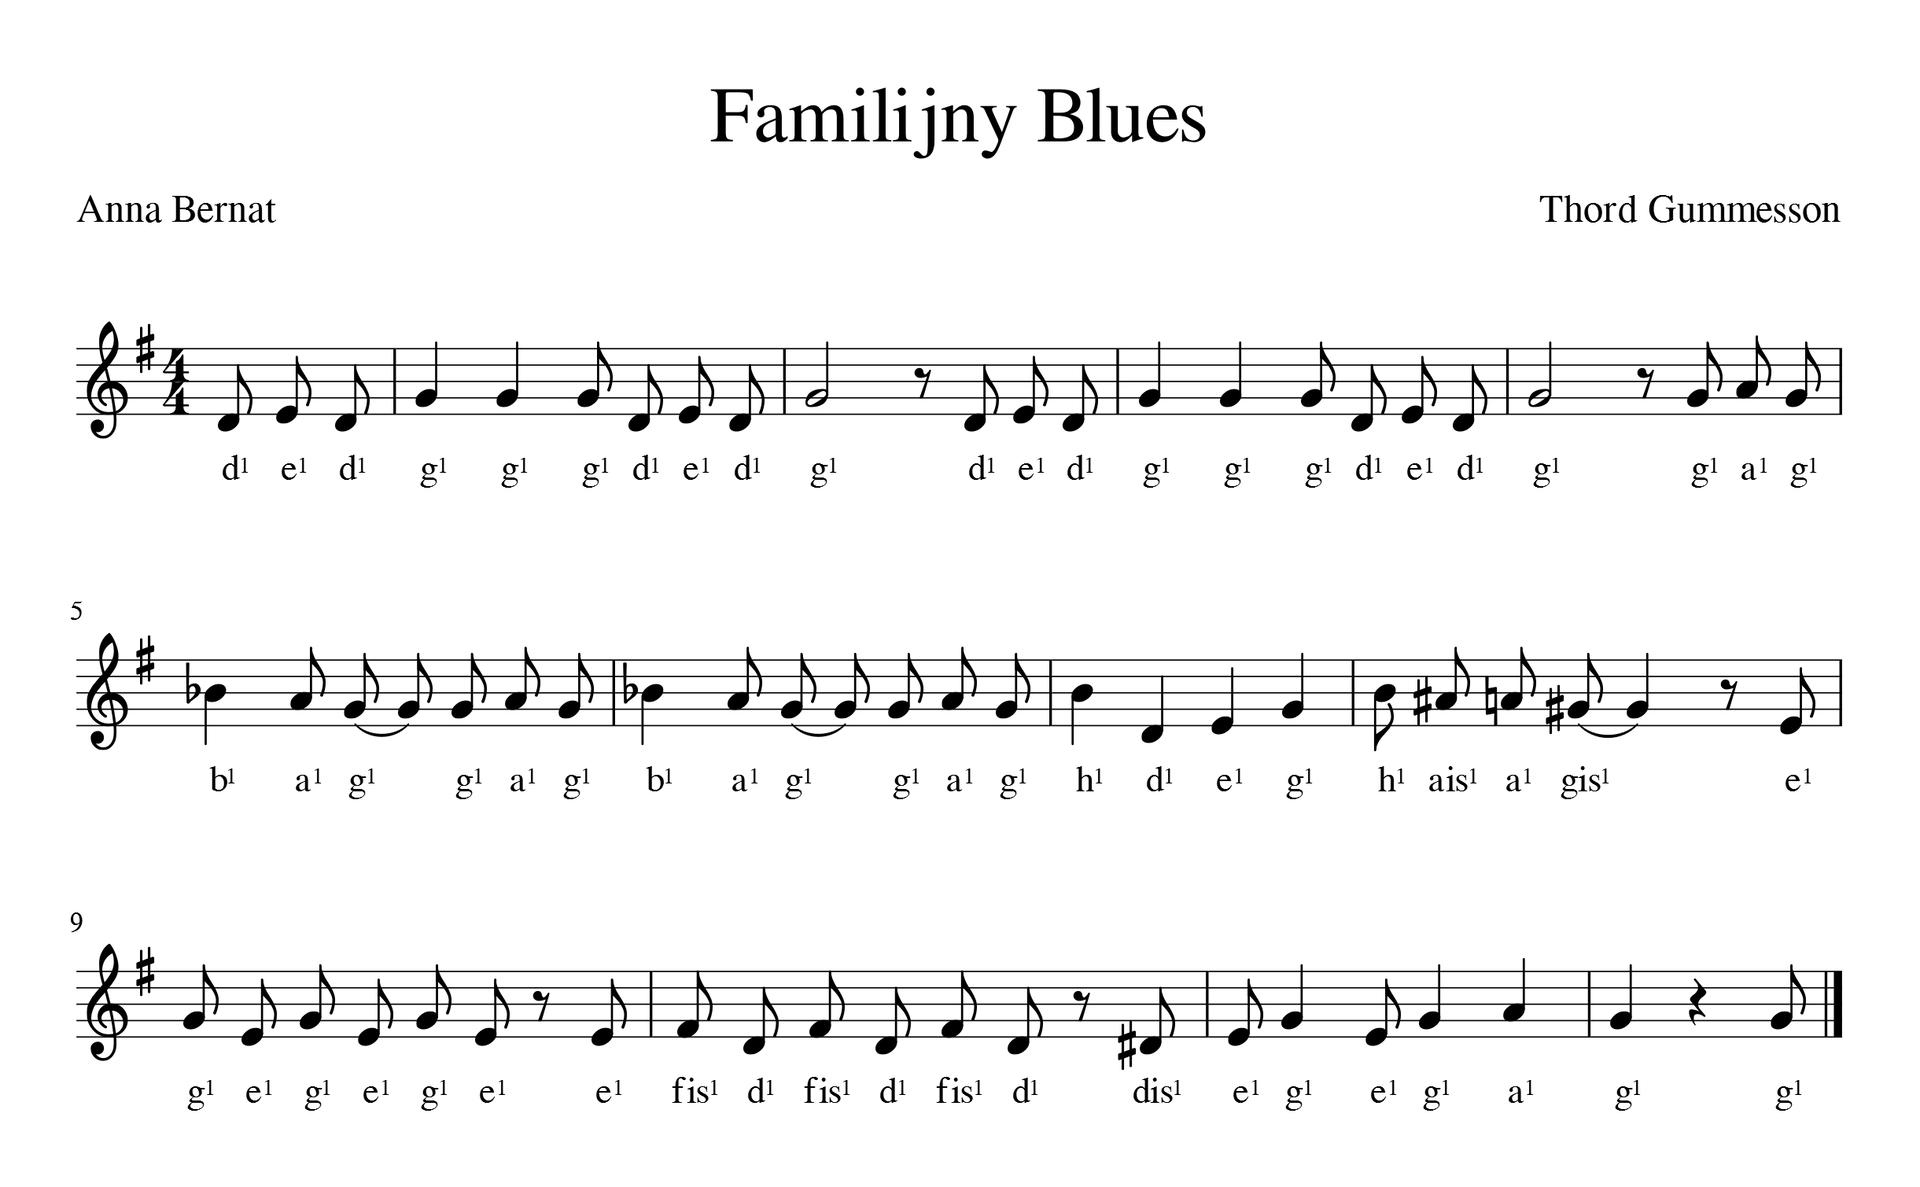 Zapis nutowy piosenki familijny blues. Piosenka wtonacji G-dur wmetrum cztery czwarte. Utwór rozpoczyna się przedtaktem składającym się ztrzech ósemek. Pod nutami podpisano nazwy dźwięków są to: dedgggdedg, dedgggdedg, gagbaggagbaggaghdeghais agis egegegeefis dfis dfis d, dis egegagg.